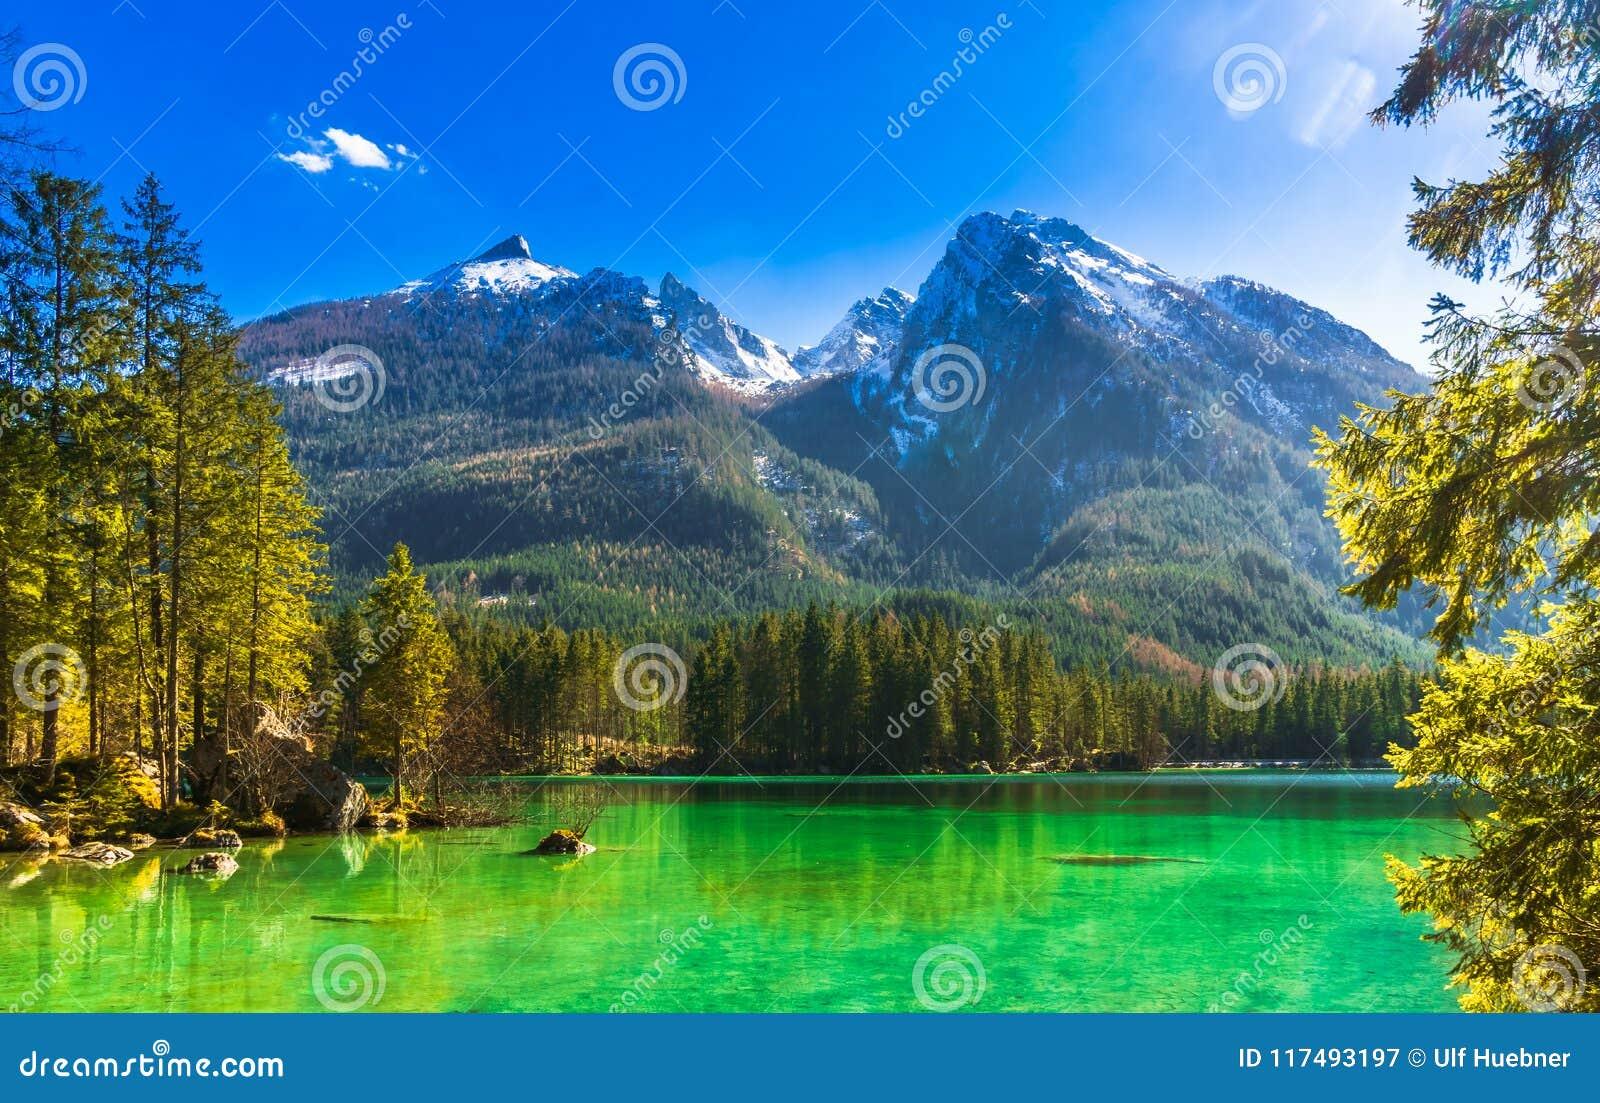 Vue idyllique par le lac Hintersee dans les Alpes bavarois